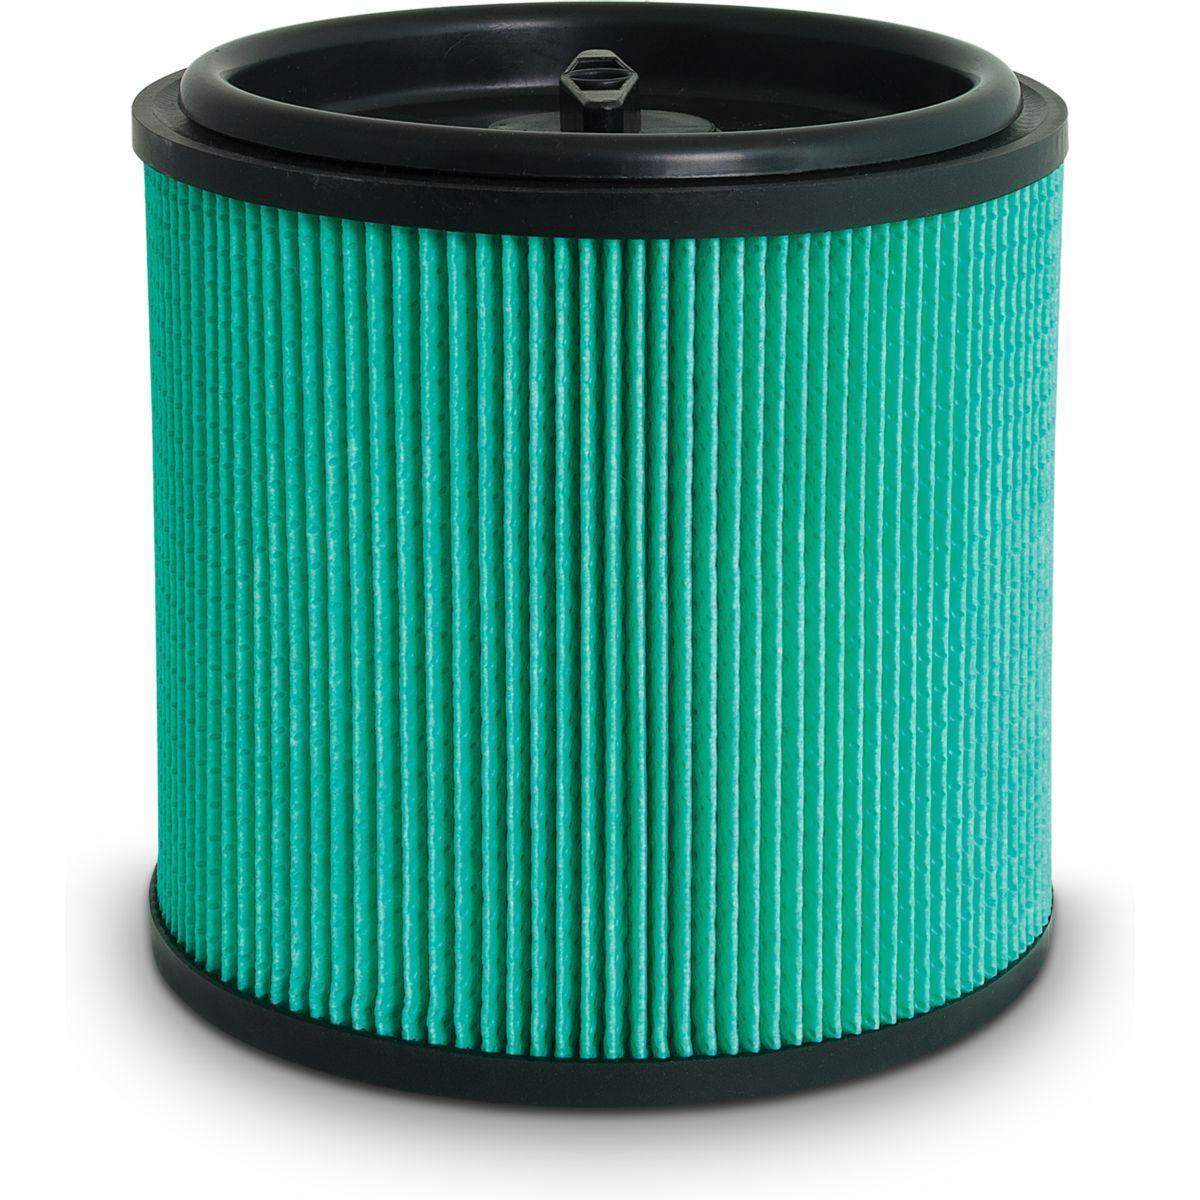 Filtre ewt filtre cartouche eco-well hepa 13 - 2% de remise imm�diate avec le code : deal2 (photo)